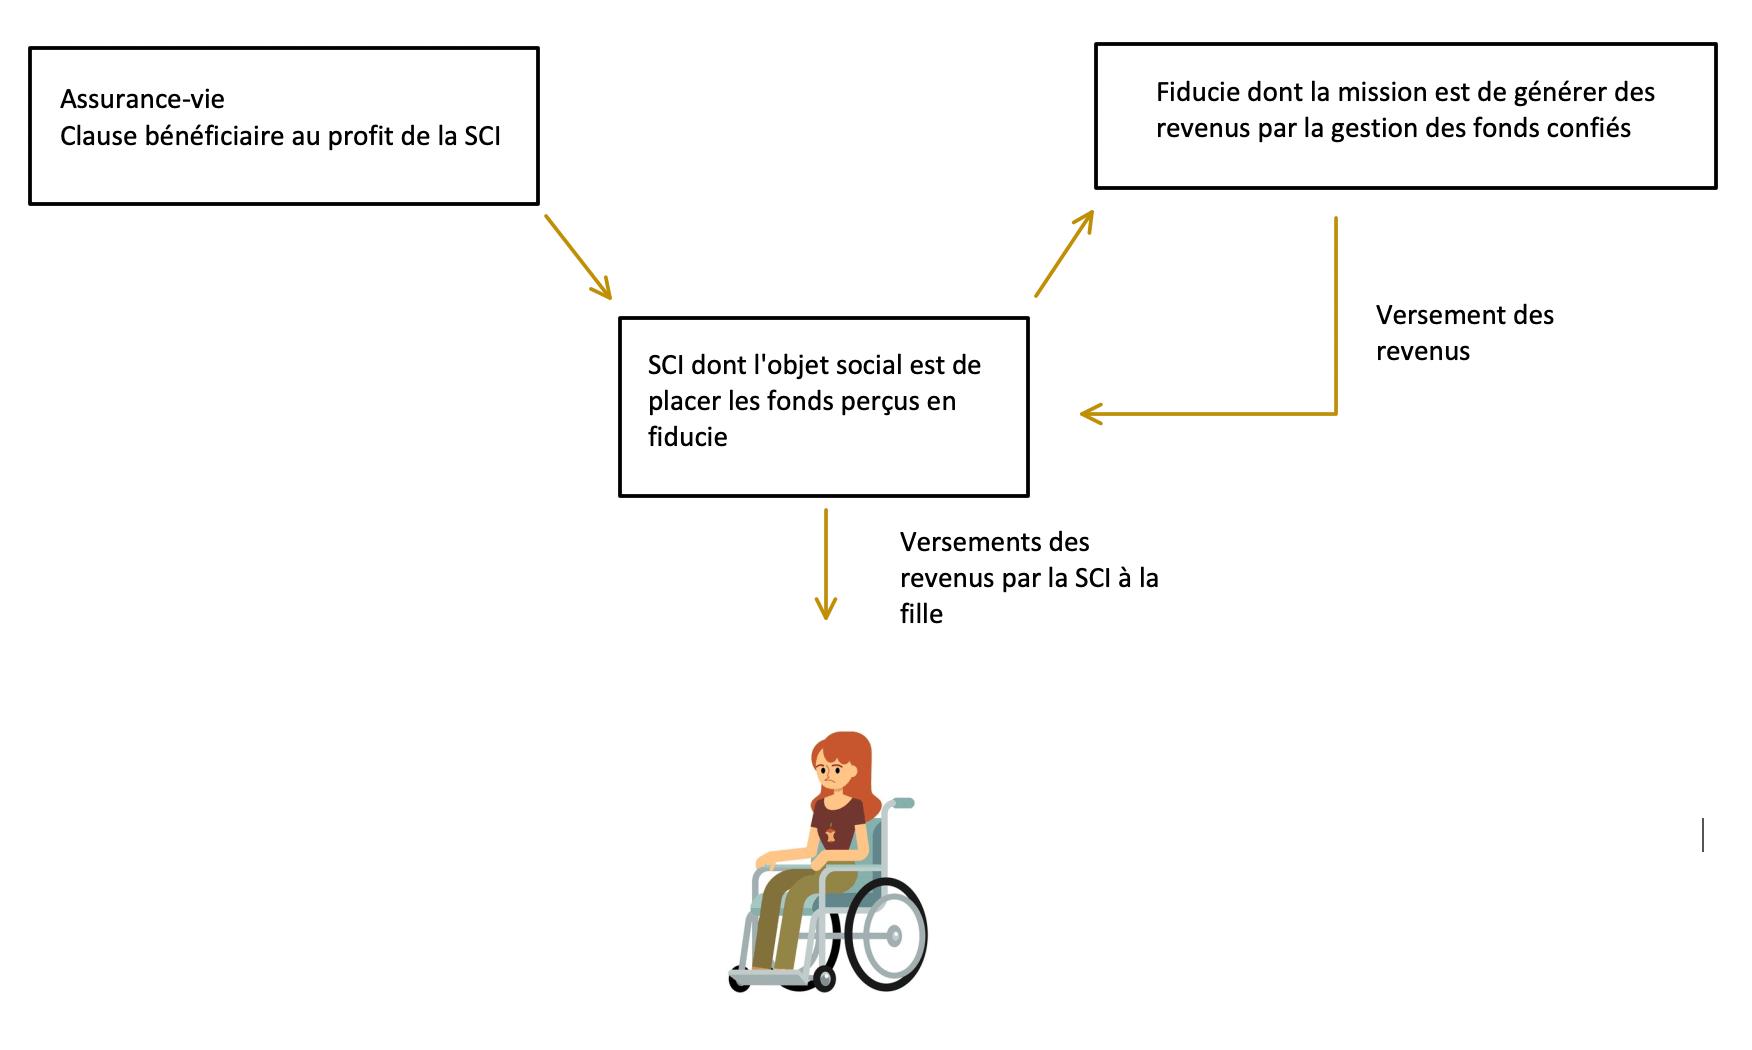 Rédaction de la clause bénéficiaire